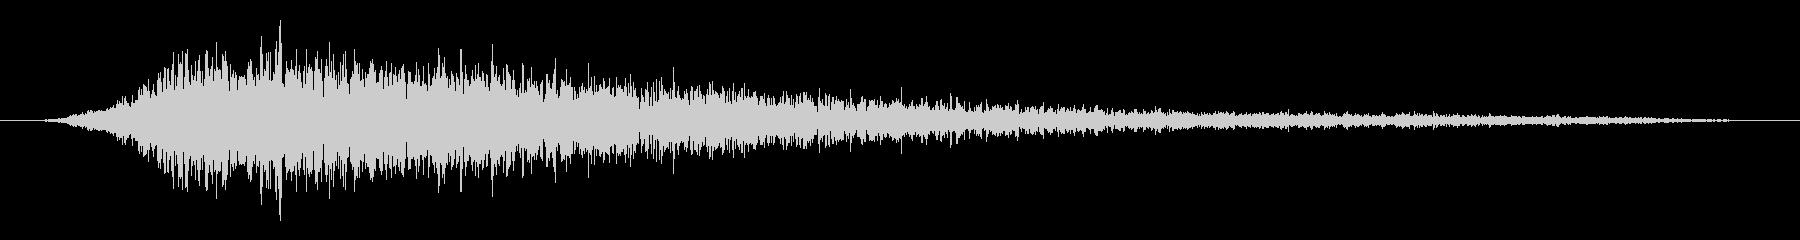 素材 エアブレスリリース01の未再生の波形